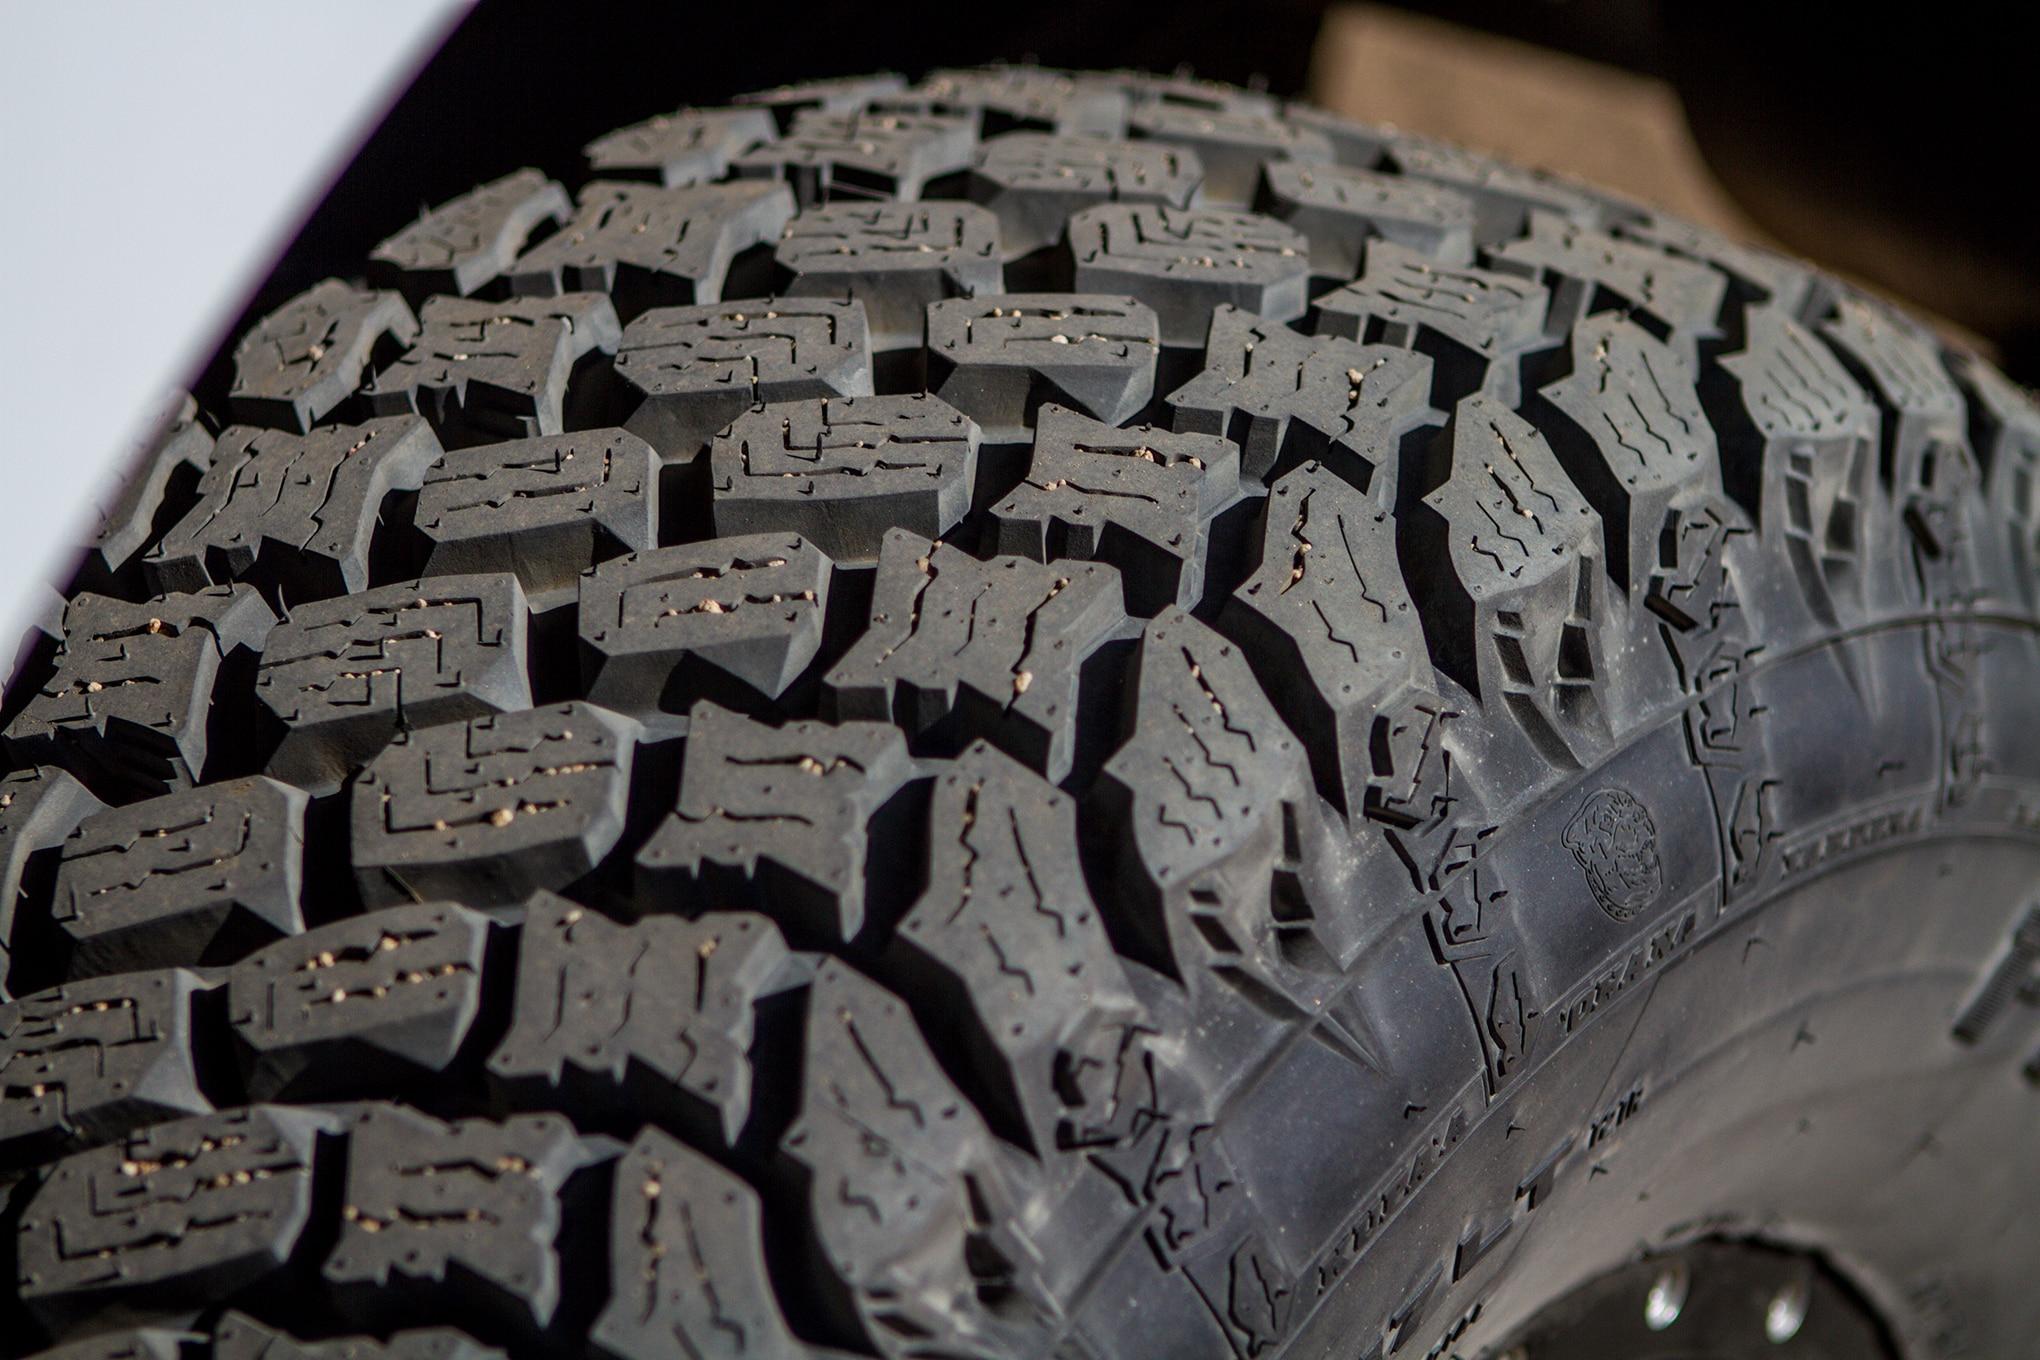 002 pit bull pbx tire tread